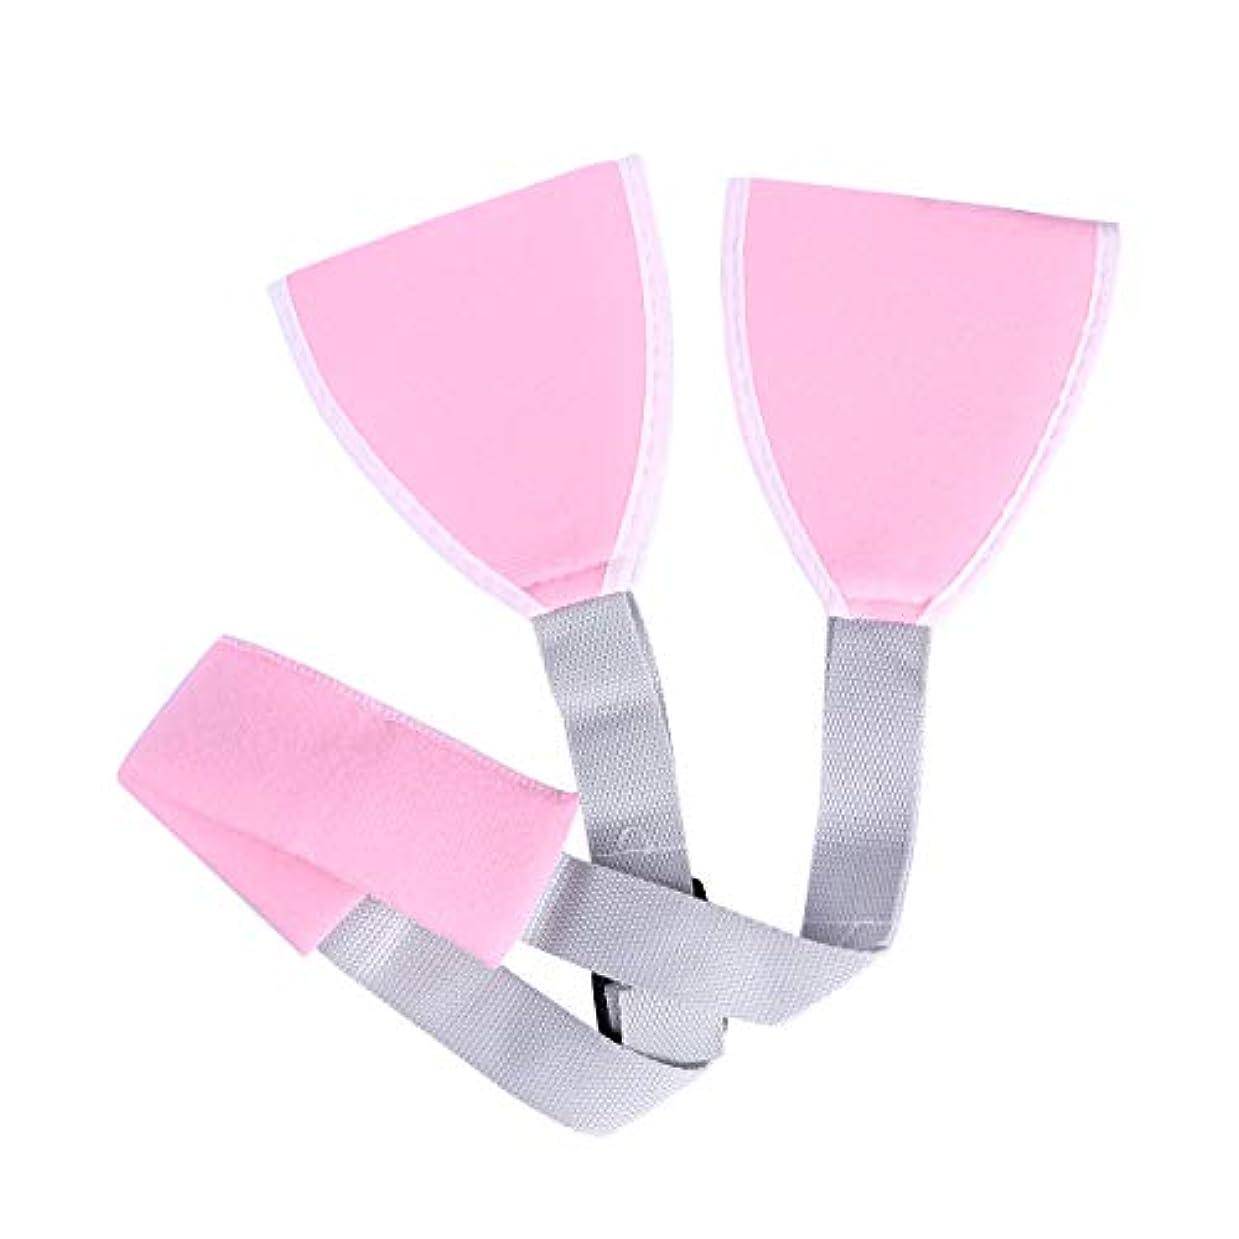 リーク図増強するROSENICE アームスリングアジャスタブルショルダエルボサポートブレスメディカルスリングアーム(ピンク)